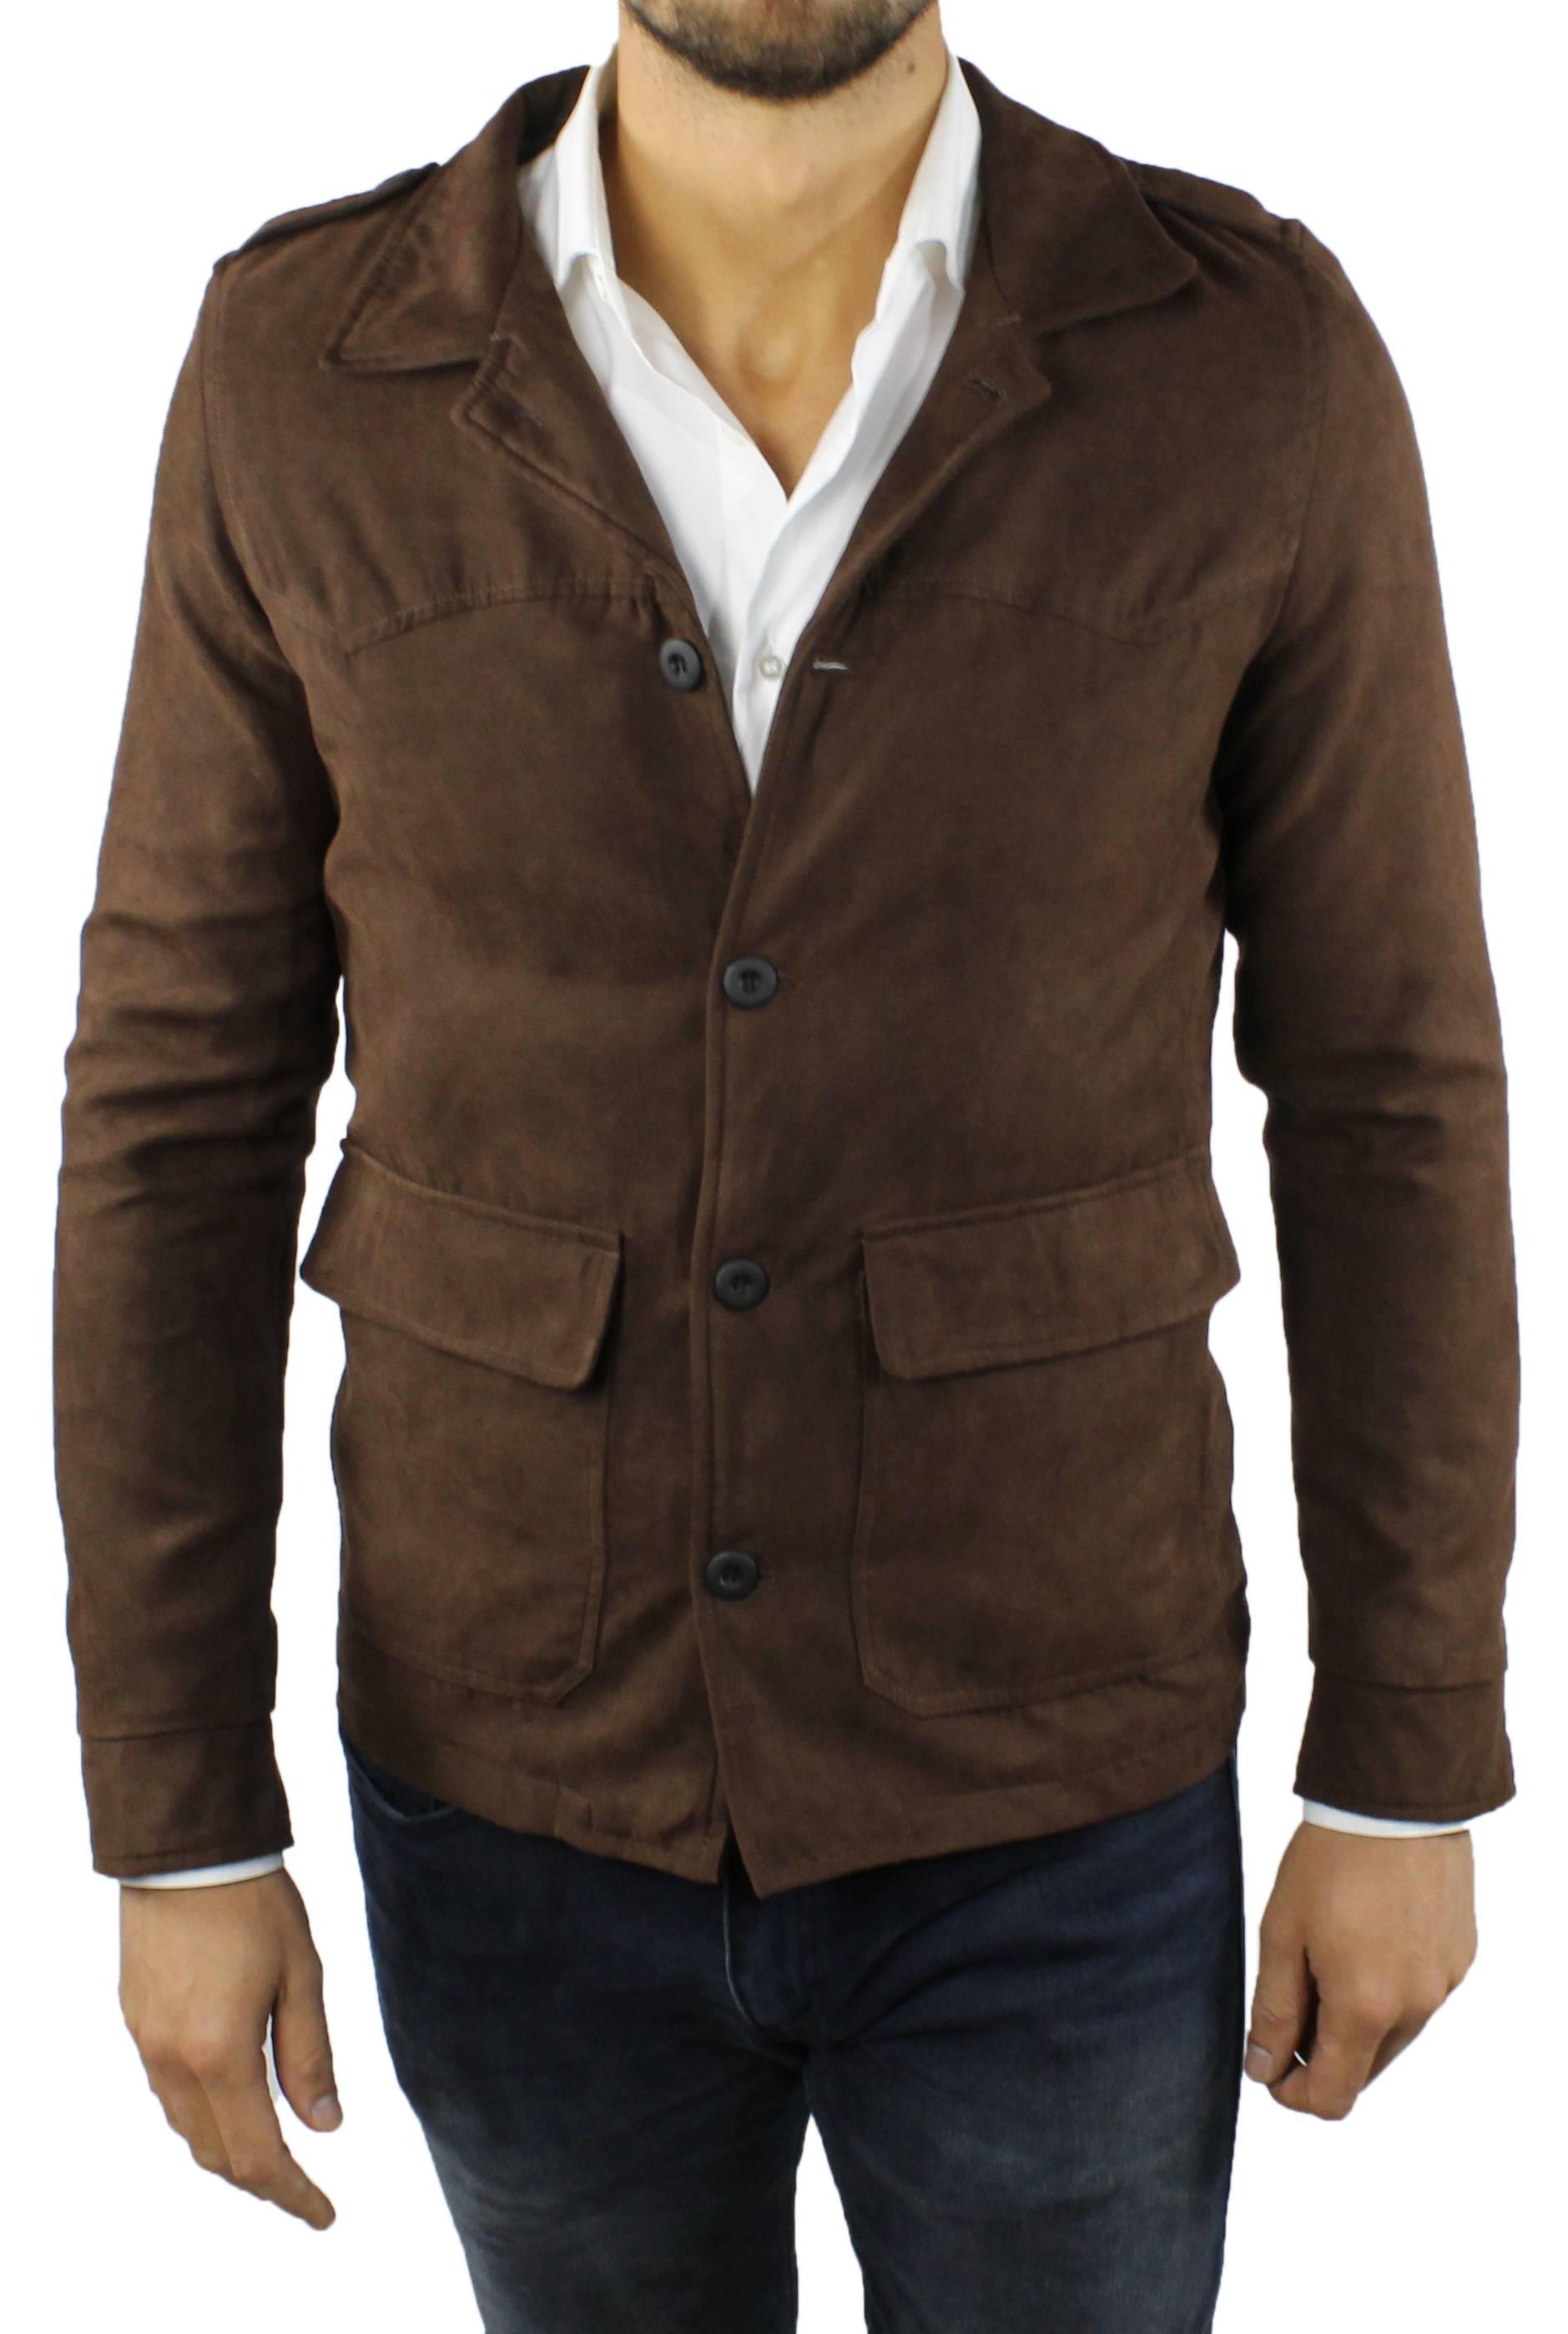 Cappotto-Uomo-Scamosciato-Invernale-Elegante-Giubbotto-Giacca-Trench-Casual miniatura 11